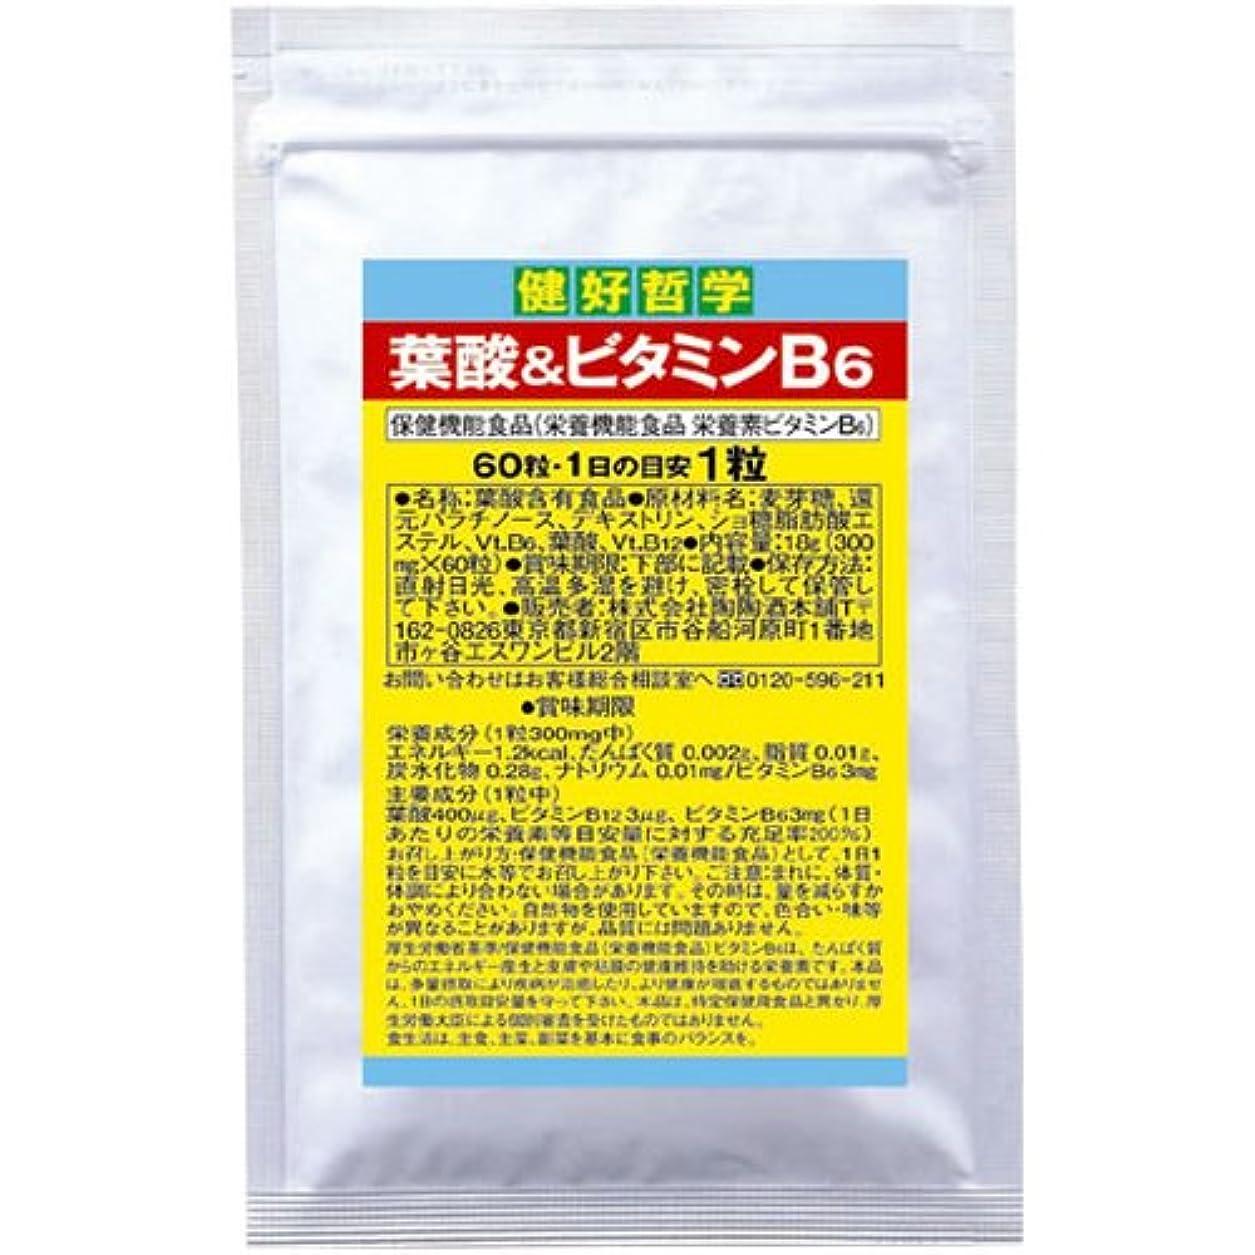 水差し星アカデミック陶陶酒本舗 健好哲学 葉酸&ビタミンB6 60粒